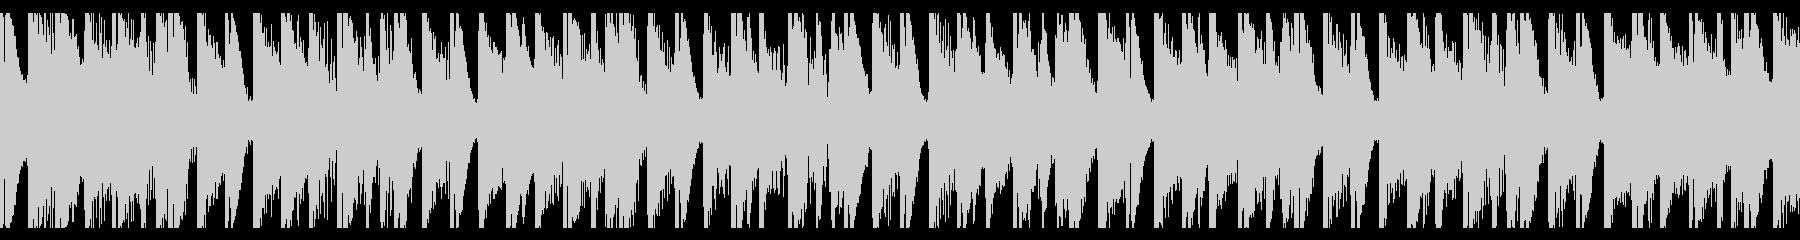 フィットネス(ループ)の未再生の波形